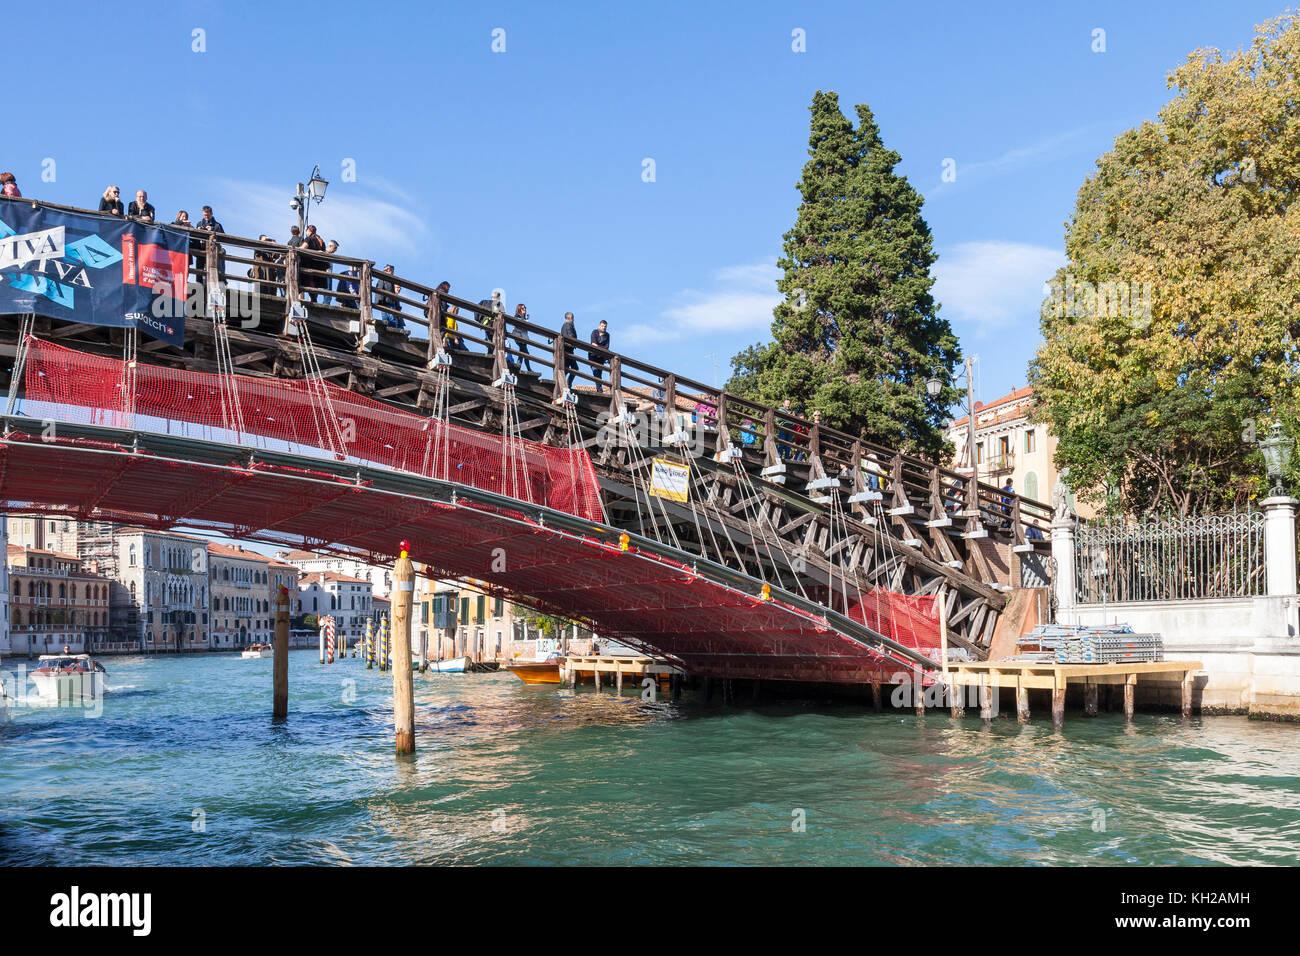 Los trabajos de restauración que se están llevando a cabo en el puente de la Accademia, el Gran Canal de Venecia, Véneto, Italia financiado por la empresa de anteojos Luxottica Foto de stock